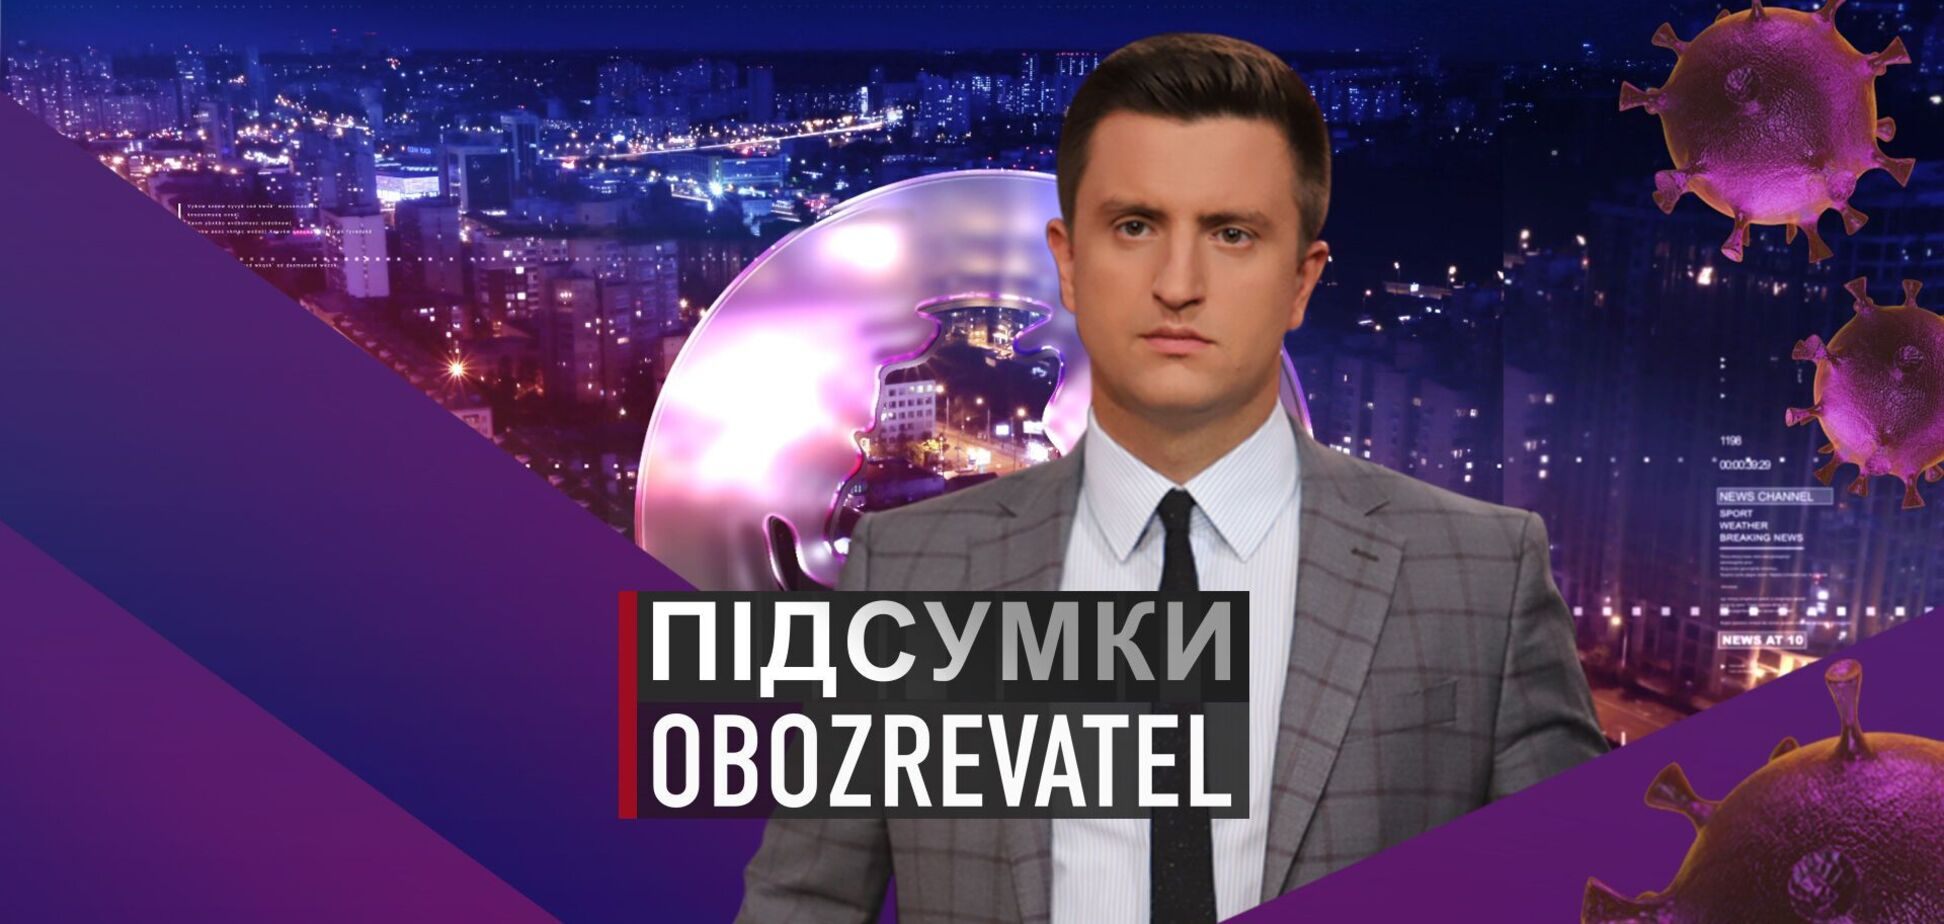 Итоги дня с Вадимом Колодийчуком. Понедельник, 8 февраля